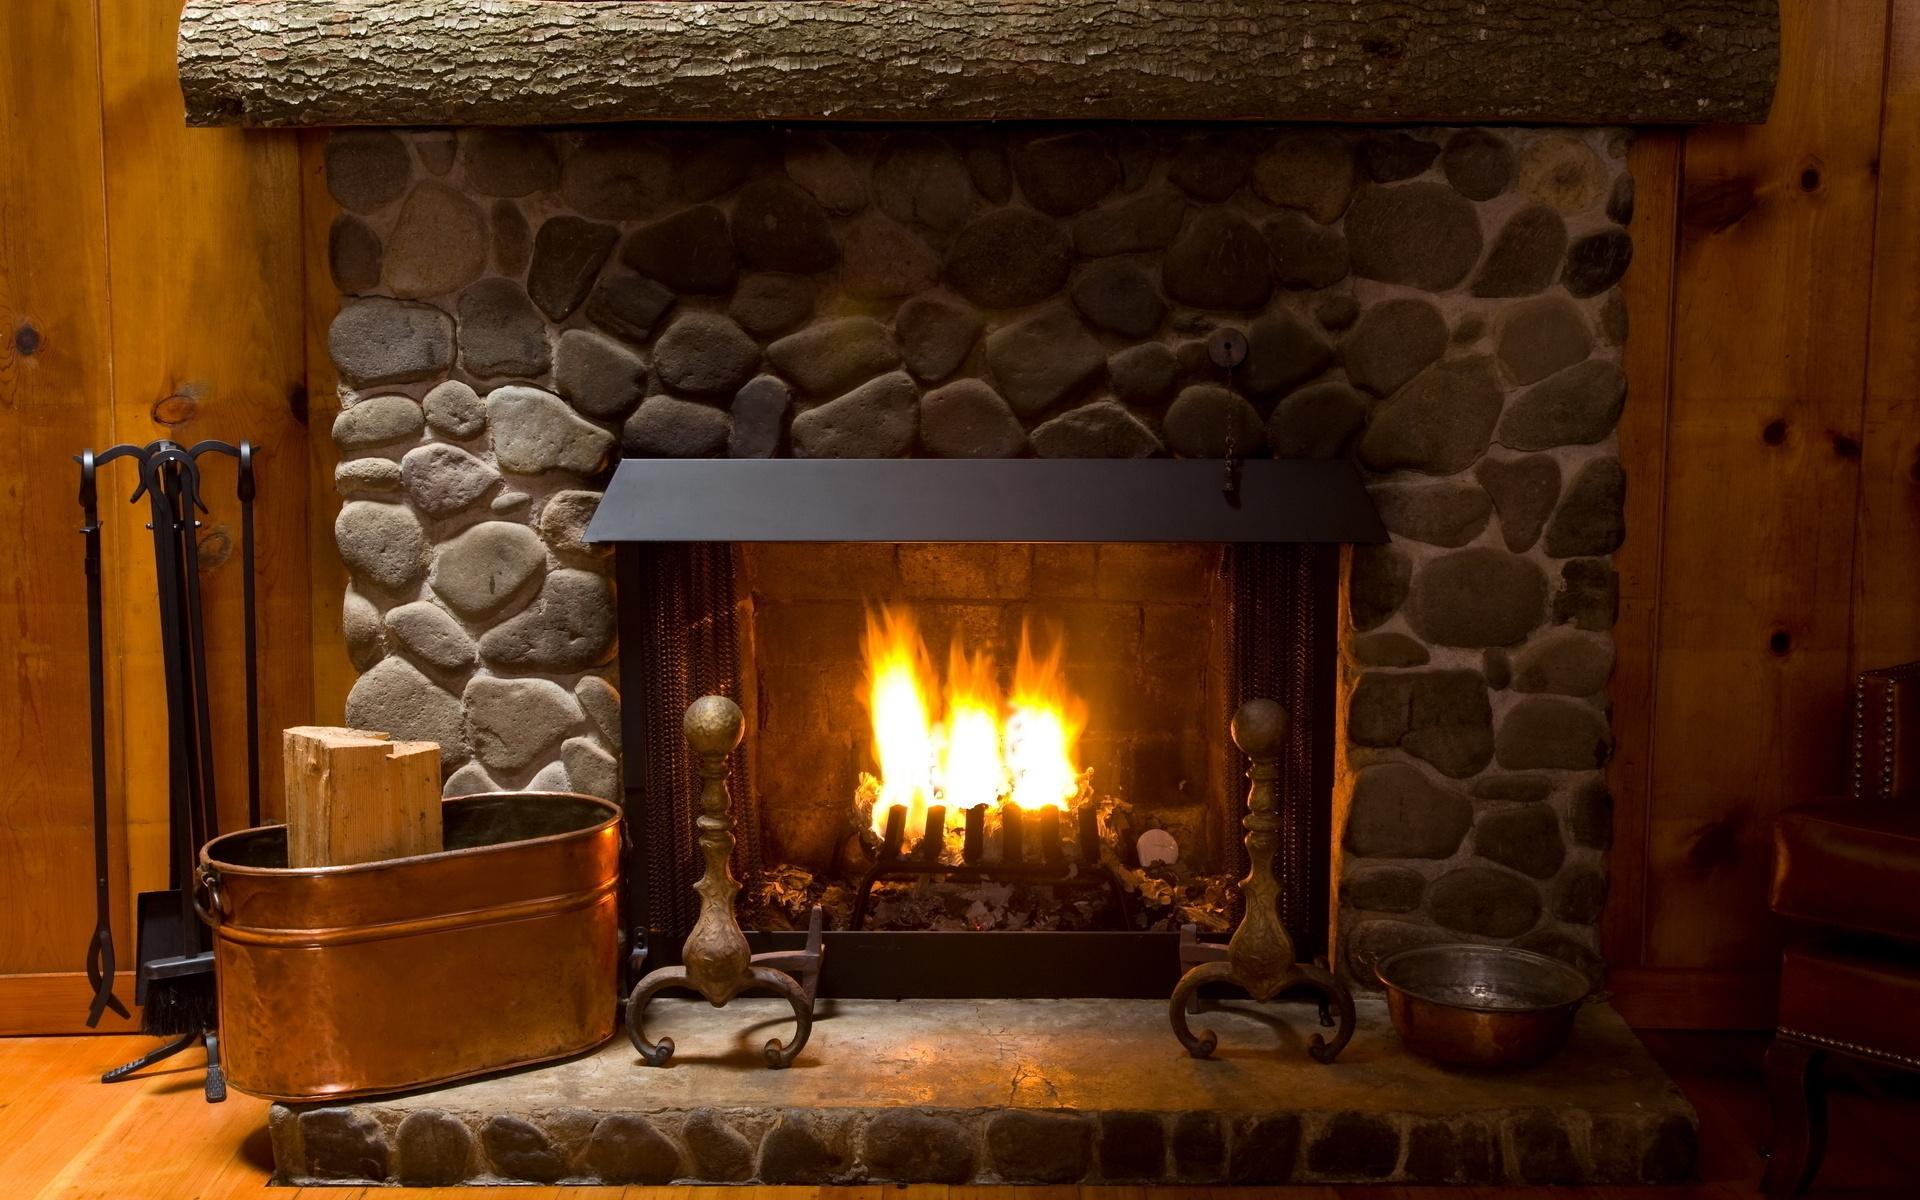 Gut Zimmer Innere Holz Lampe Gemütlich Kamin Innenarchitektur Hütte Wohnzimmer  Feuerstelle